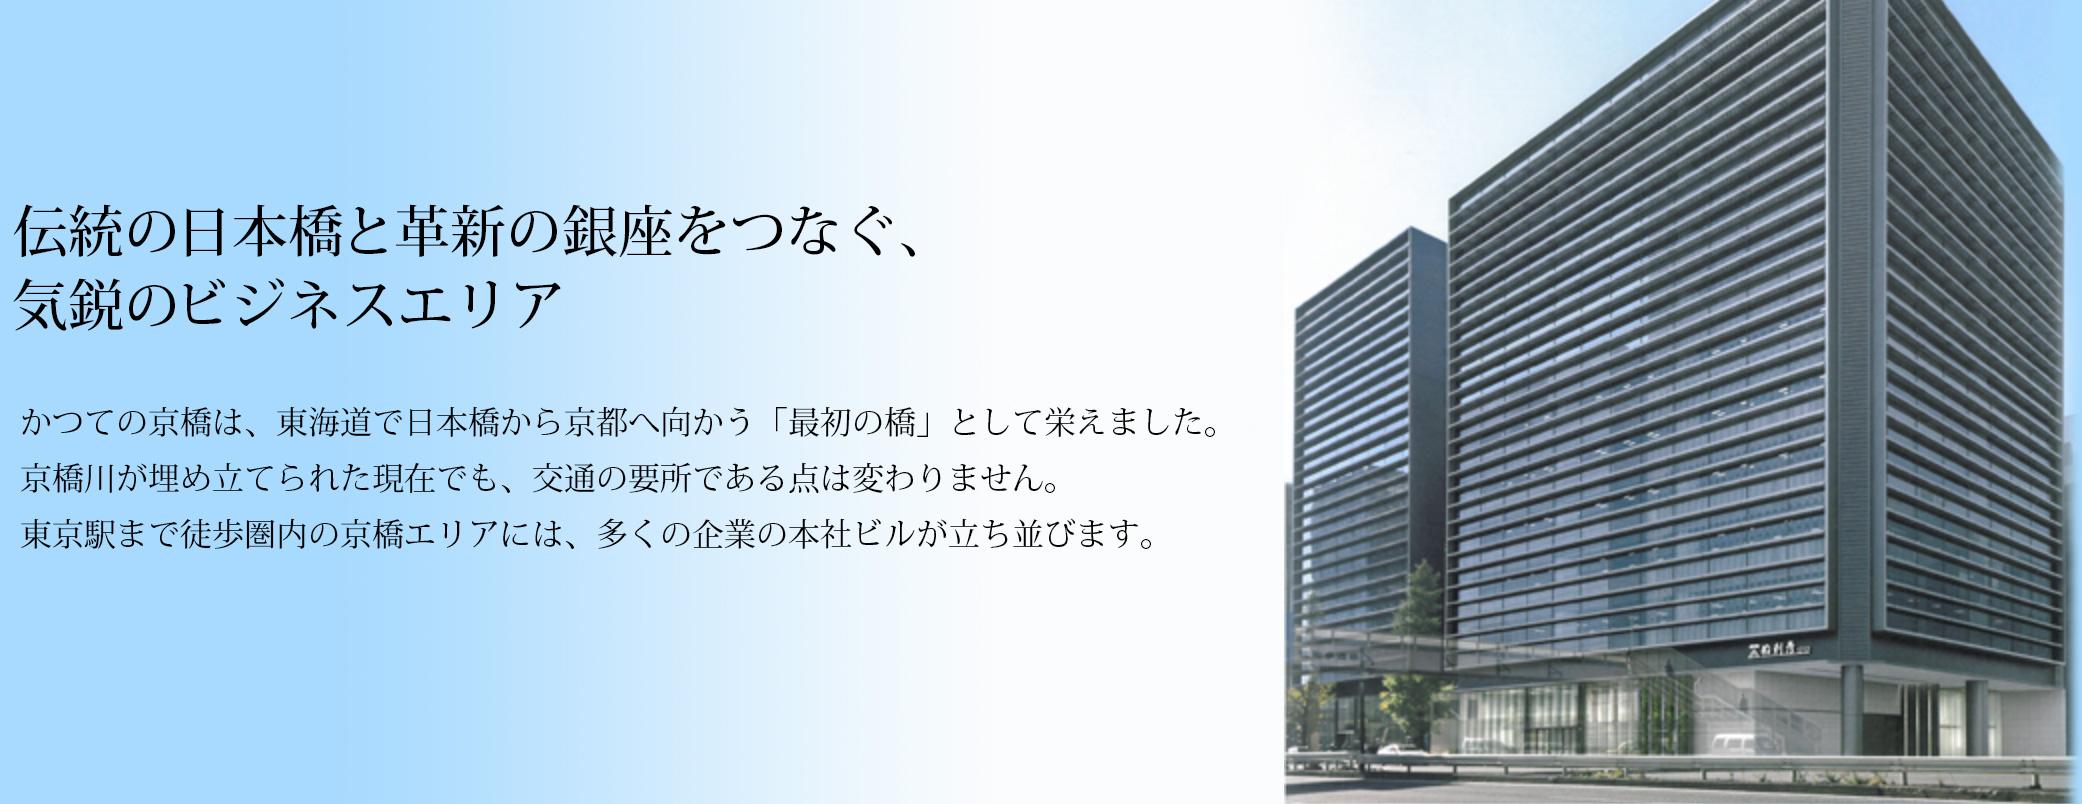 ぬ利彦不動産事業部